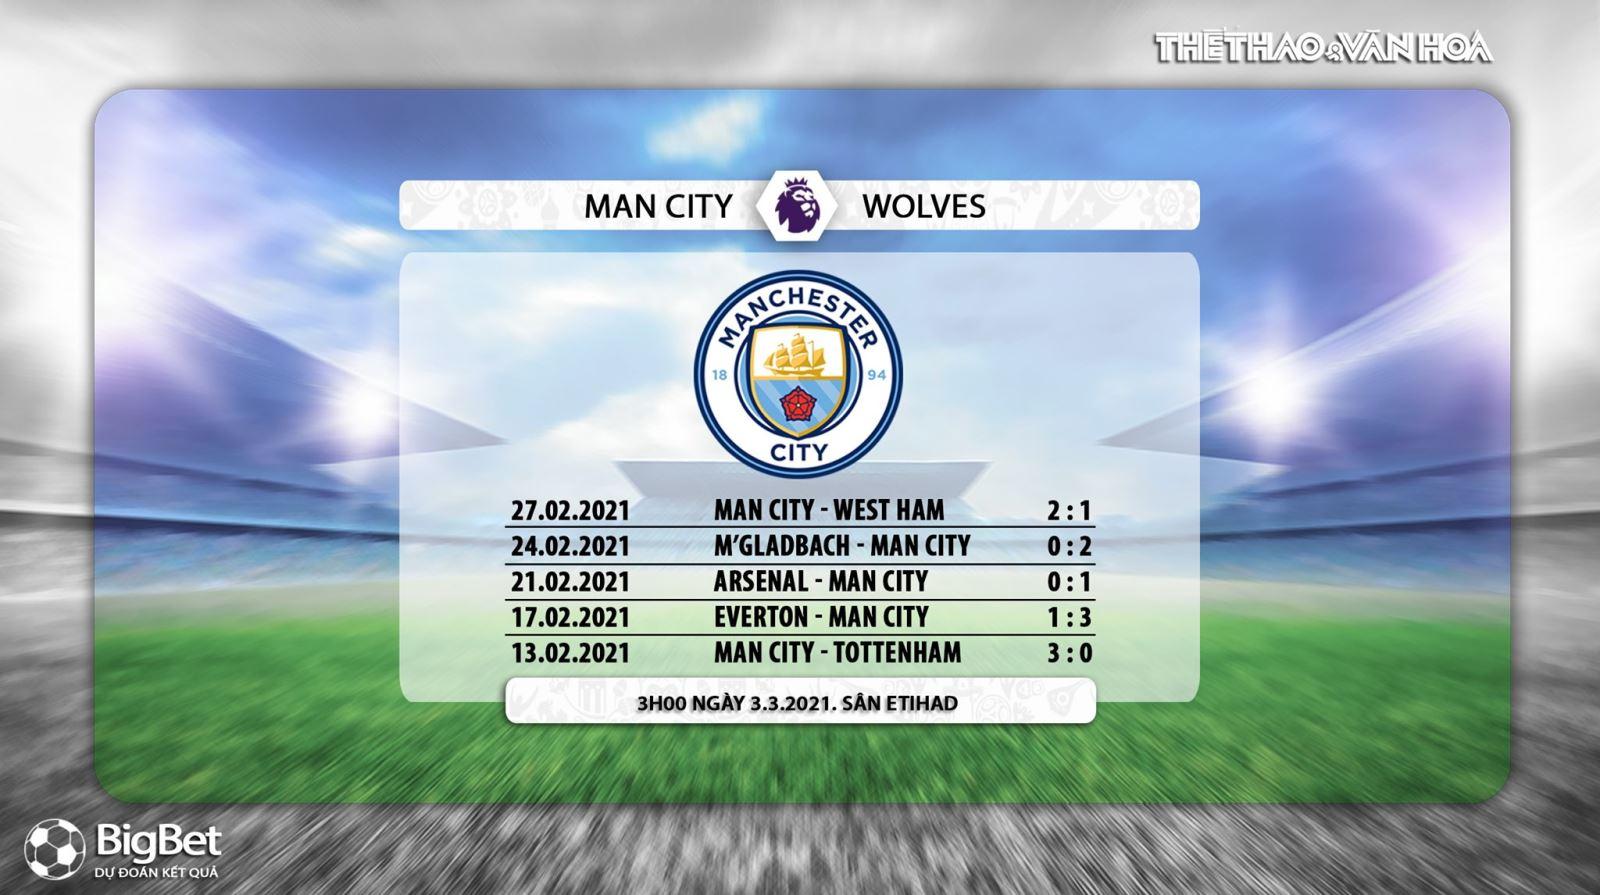 Keo nha cai, kèo nhà cái,Man City vs Wolves, K+, K+PM trực tiếp bóng đá Ngoại hạng Anh,Truc tiep bong da, Trực tiếp Man City vs Wolves, Kèo bóng đá Man City vs Wolves